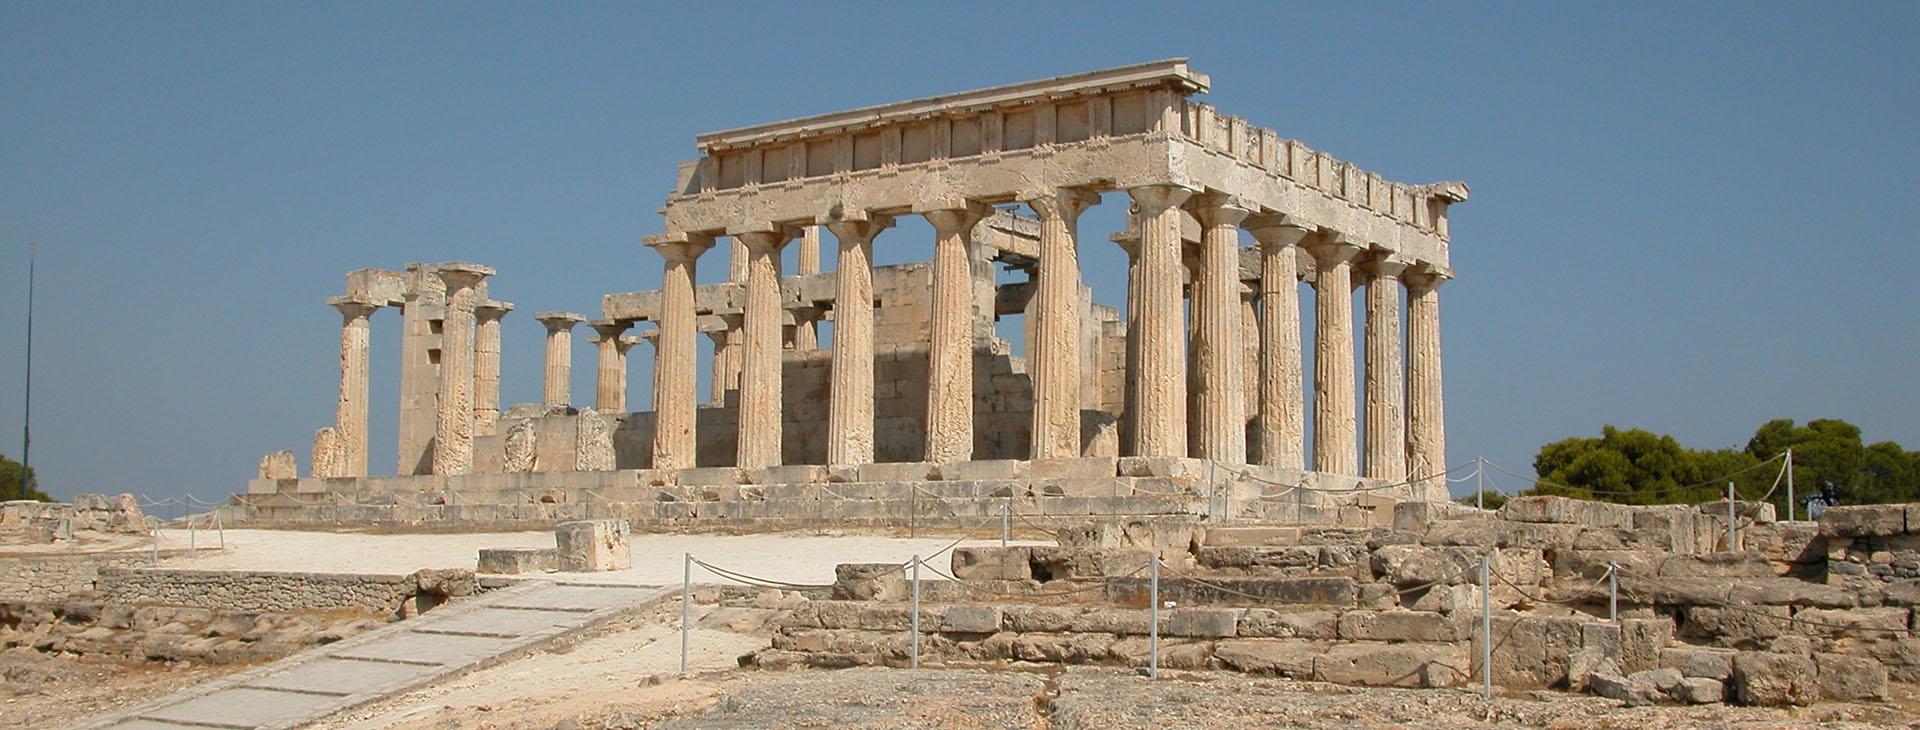 Temple of Aphaia, Aegina island